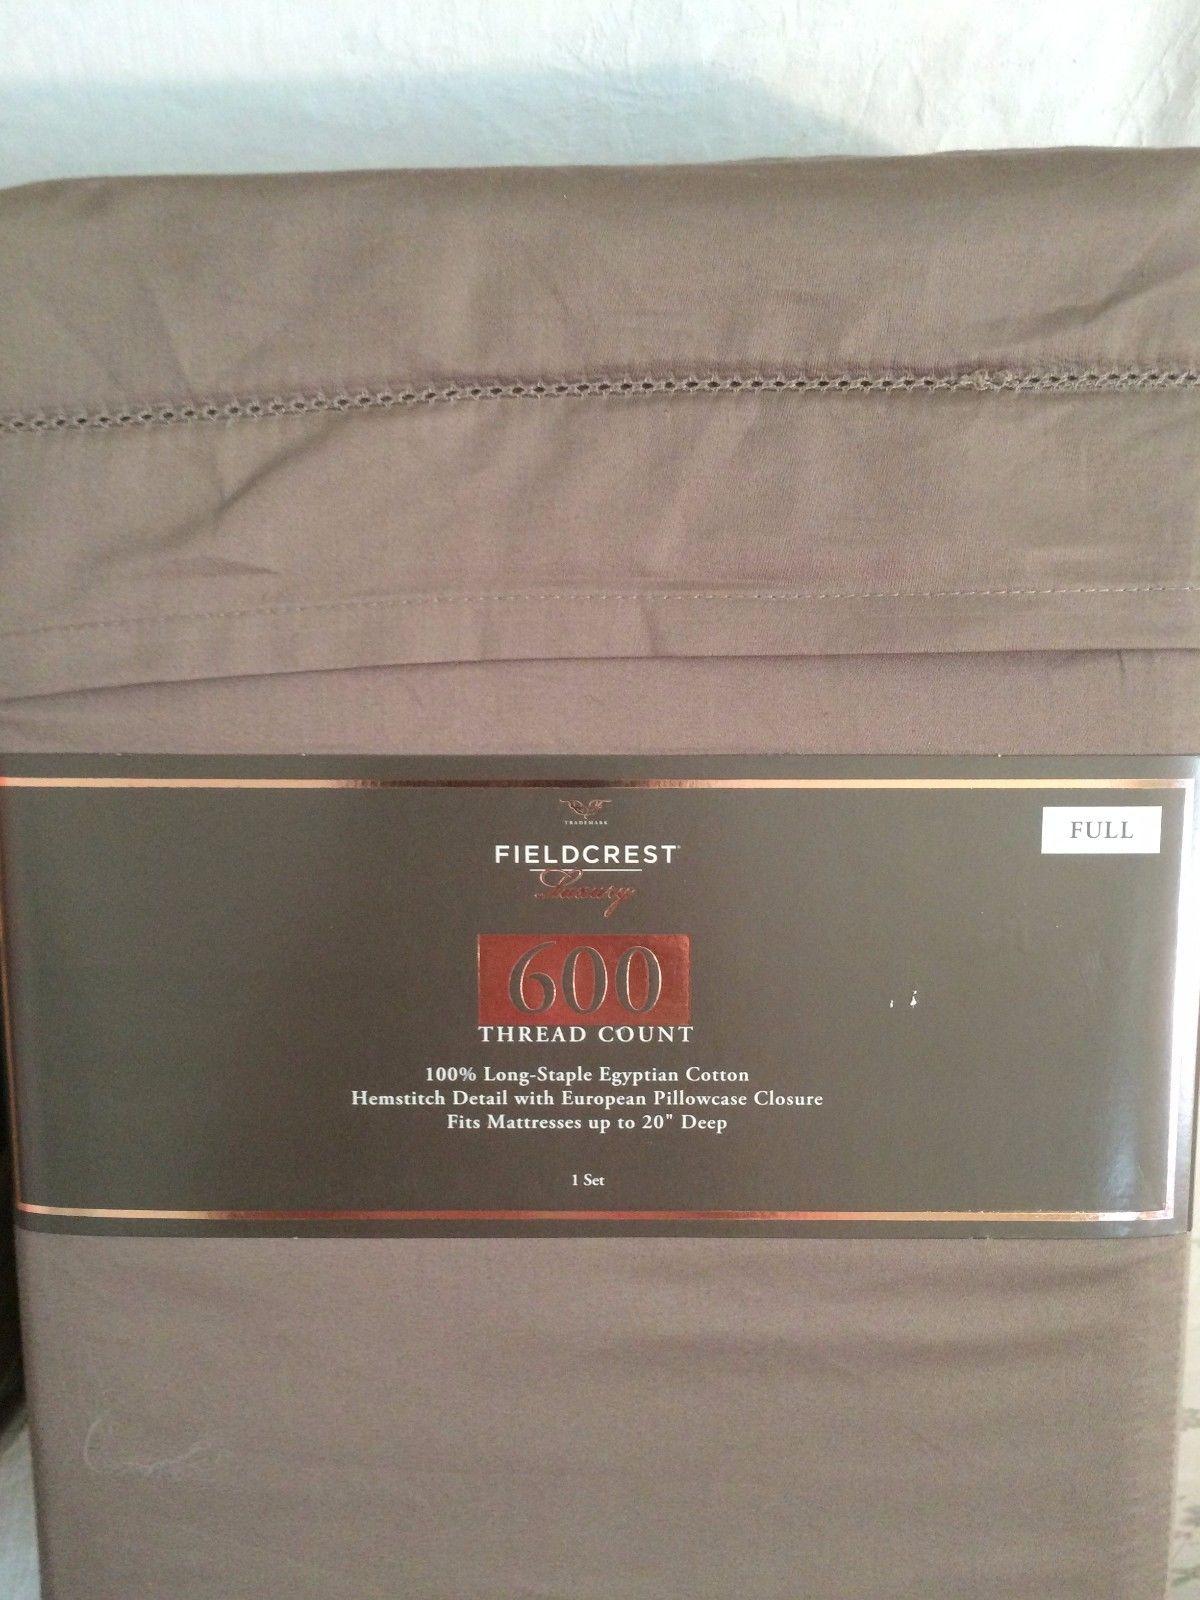 Fieldcrest Luxury Sheets | Fieldcrest Matelasse | Fieldcrest Linens